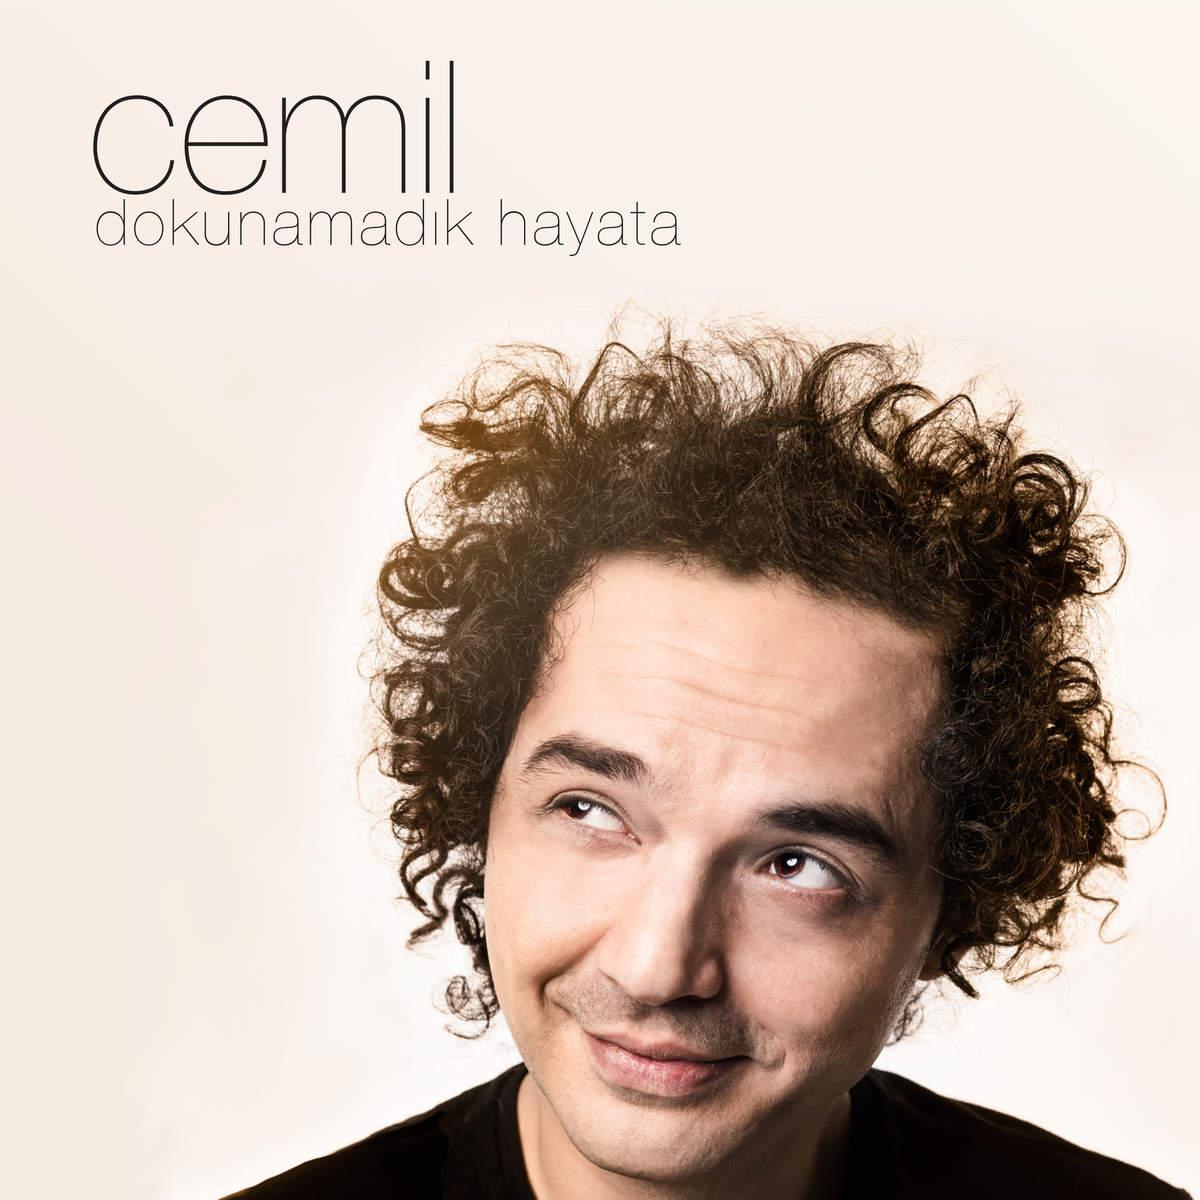 http://cdn.persiangig.com/preview/HdM4uLVQQy/ArazMusic98.IR.jpg